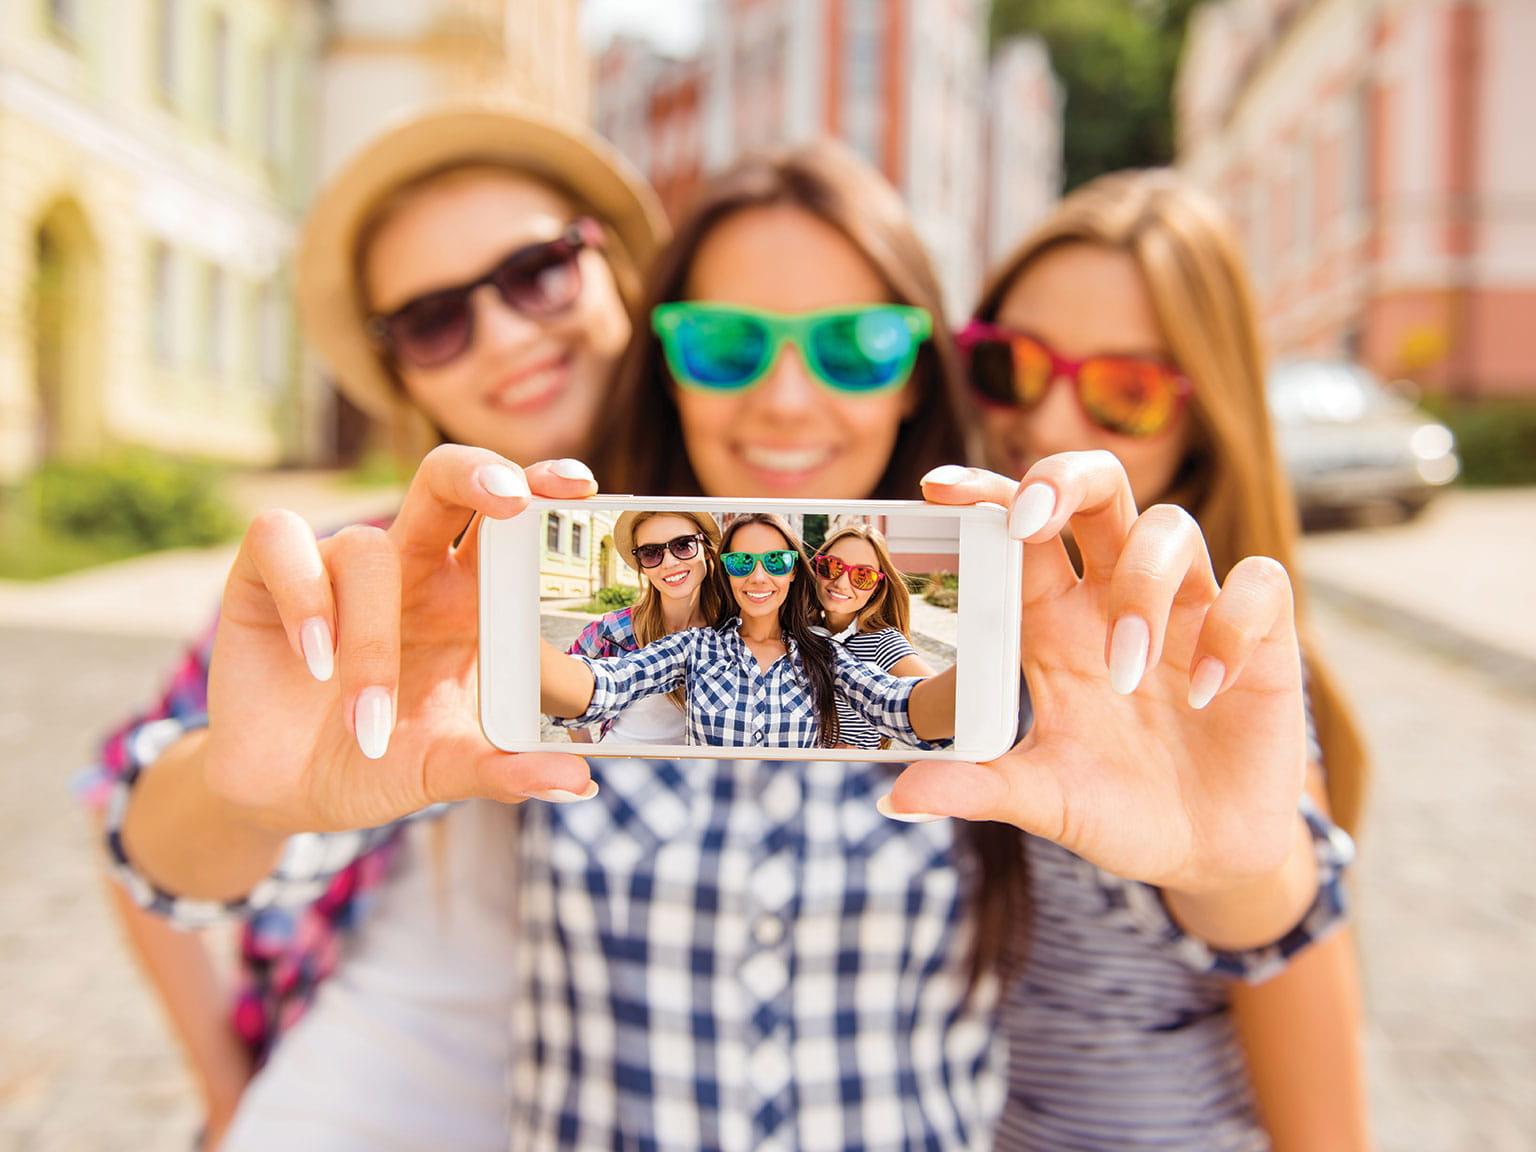 Kolme tyttöä ottaa selfie-kuvaa IPhonella